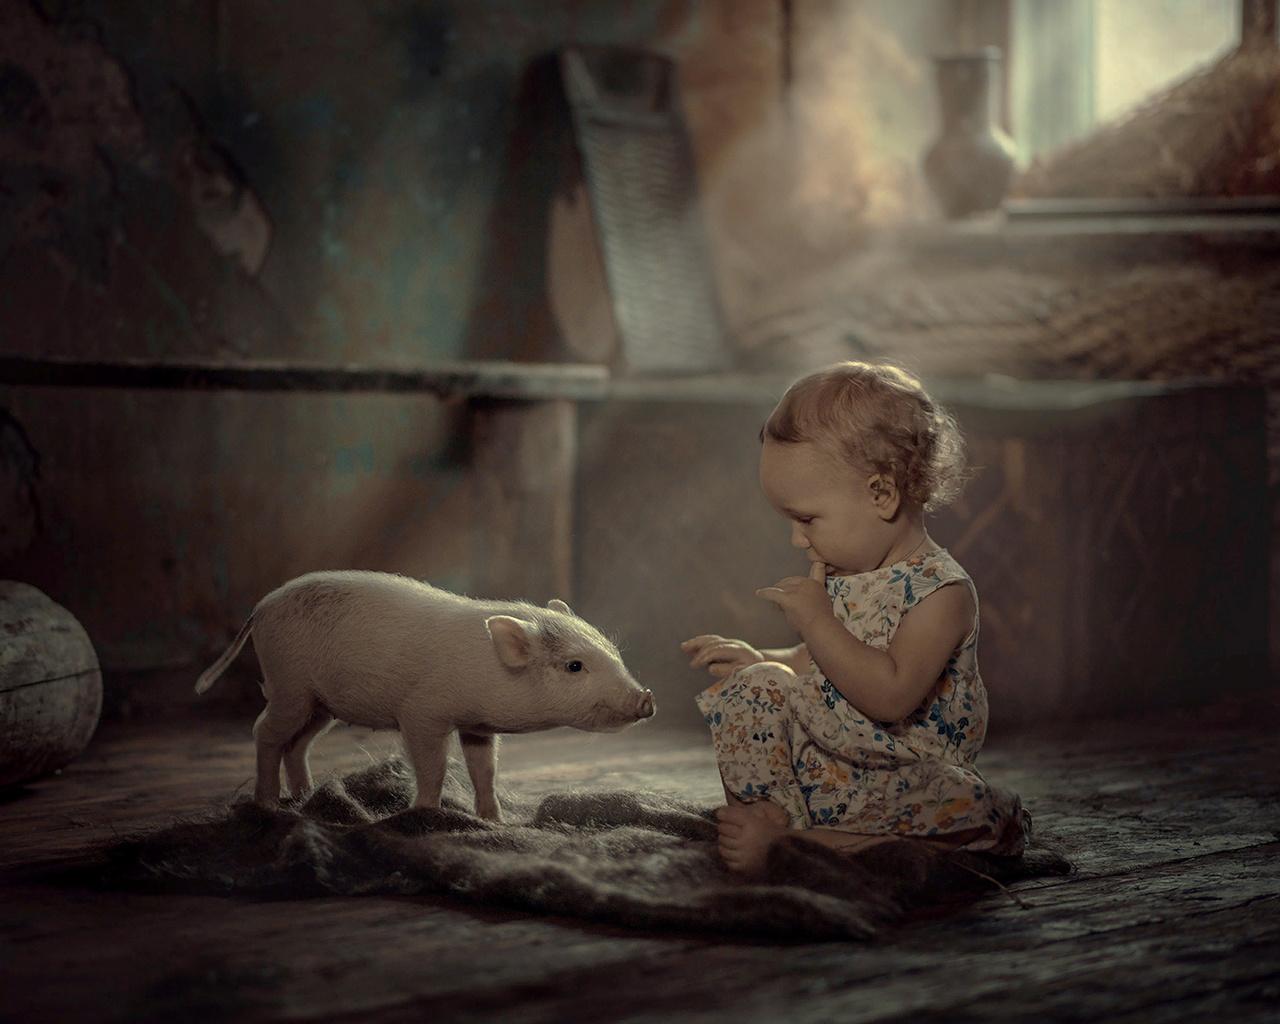 елена миронова, ребёнок, девочка, малышка, платье, босая, босиком, пол, платок, животное, поросёнок, детёныш, окно